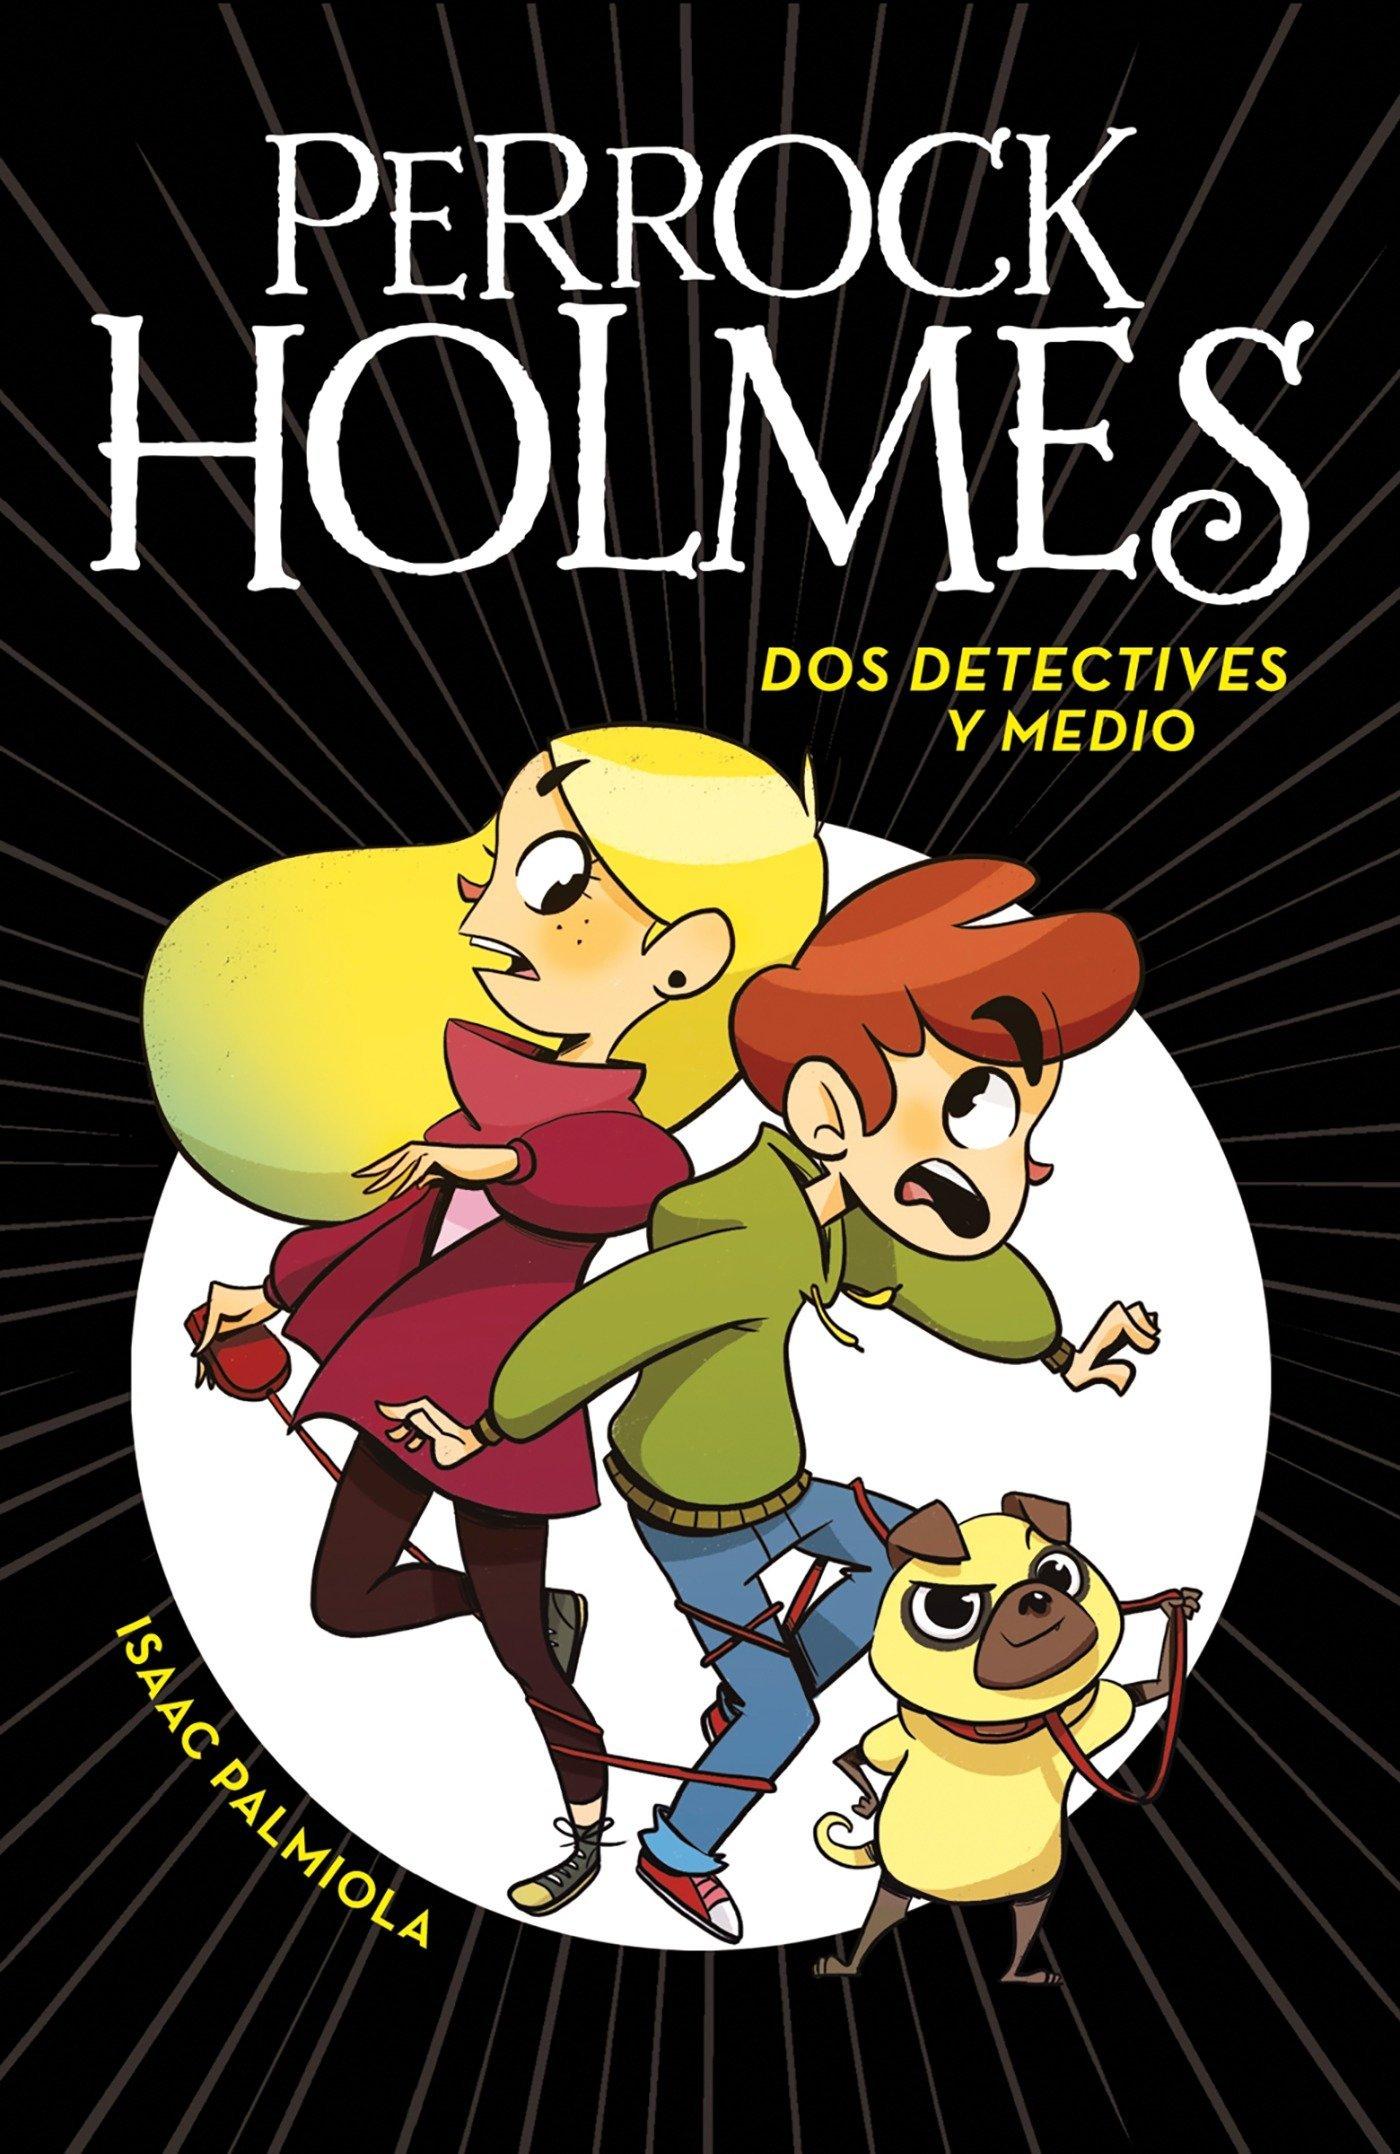 Dos detectives y medio (Serie Perrock Holmes 1): Amazon.es: Isaac Palmiola: Libros